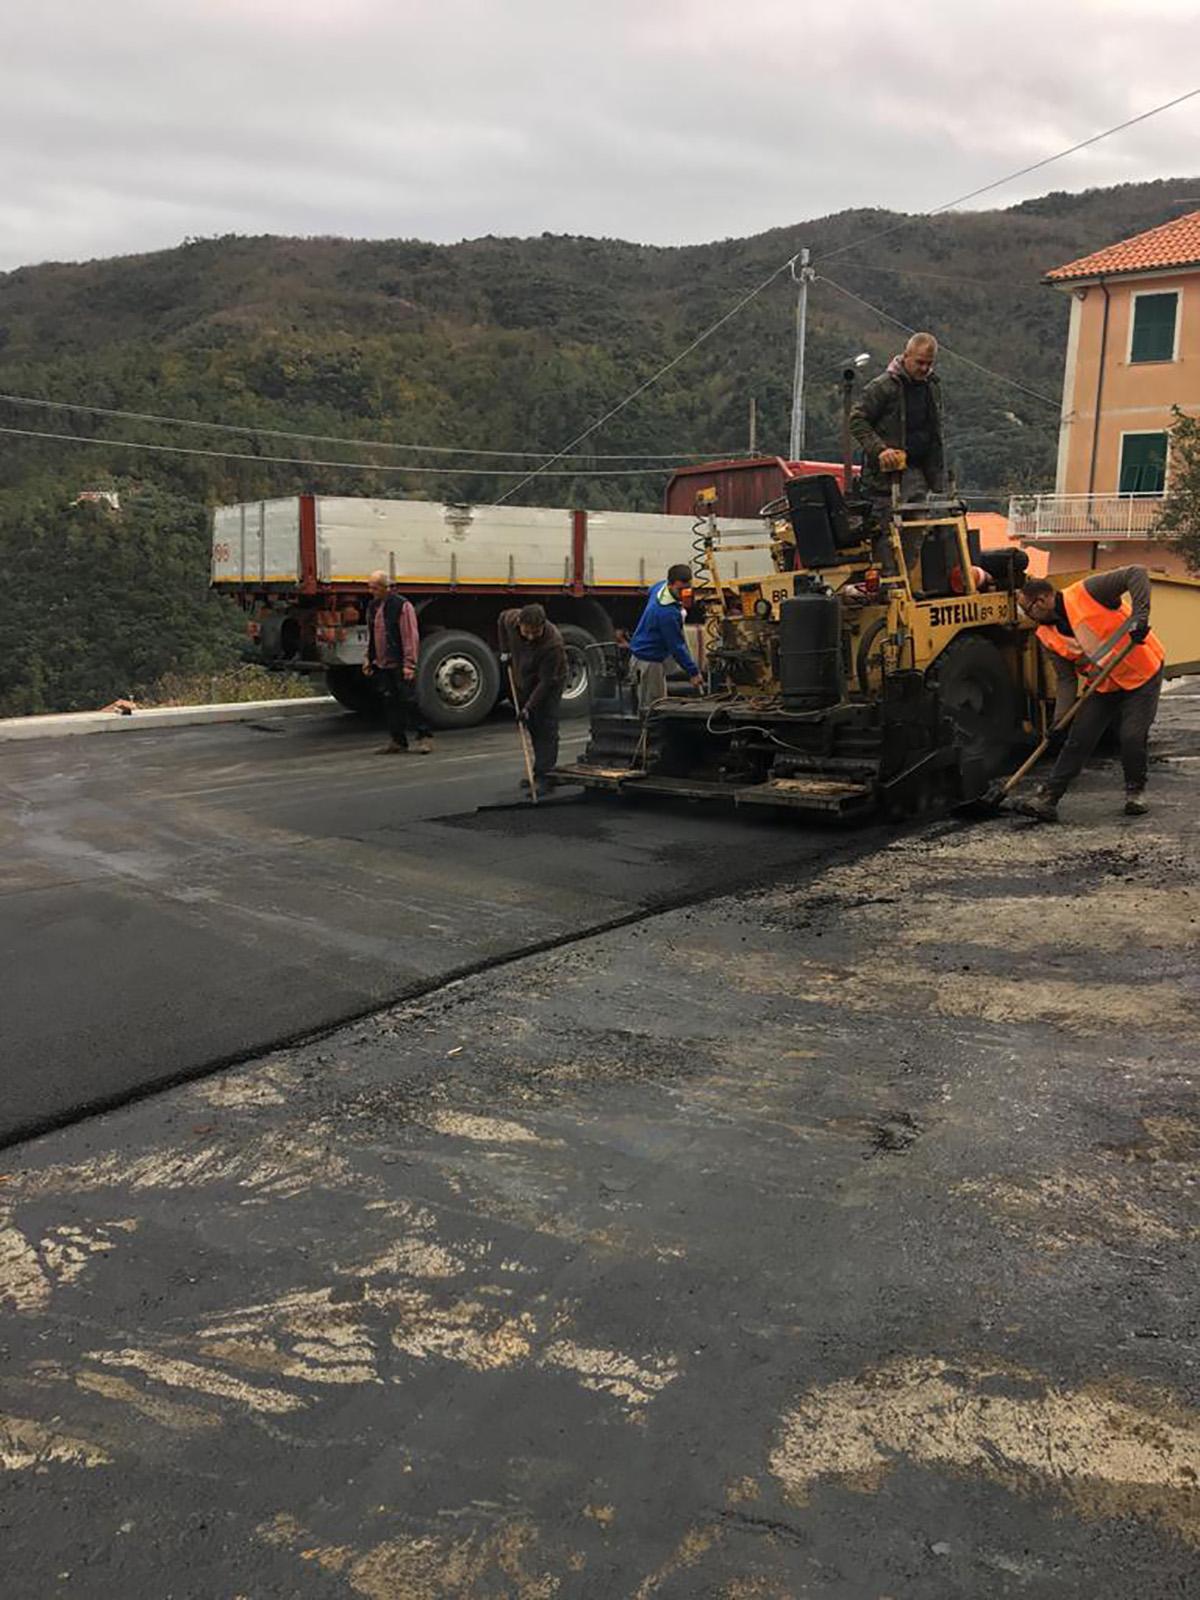 Perico-Renato-Vado Ligure (SV) - Recupero edificio ex scuole 18